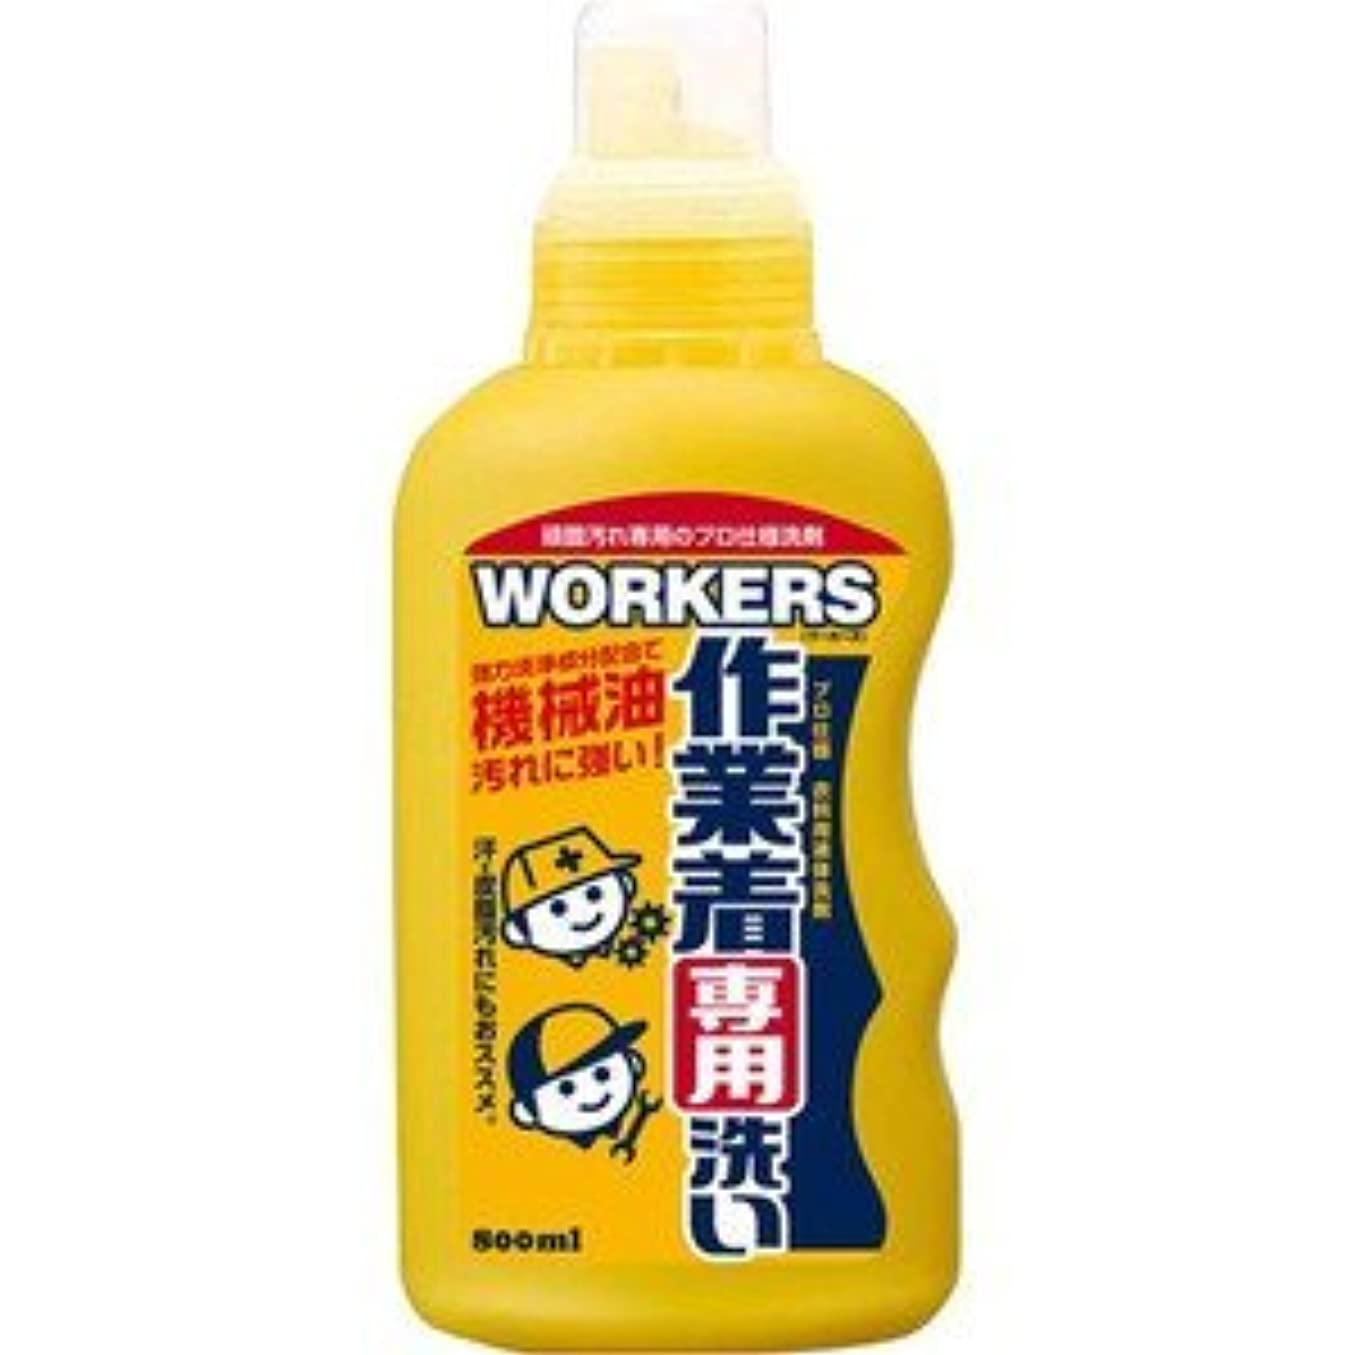 家個性織機(NSファーファ?ジャパン)WORKERS 作業着液体洗剤 本体 800ml(お買い得3個セット)